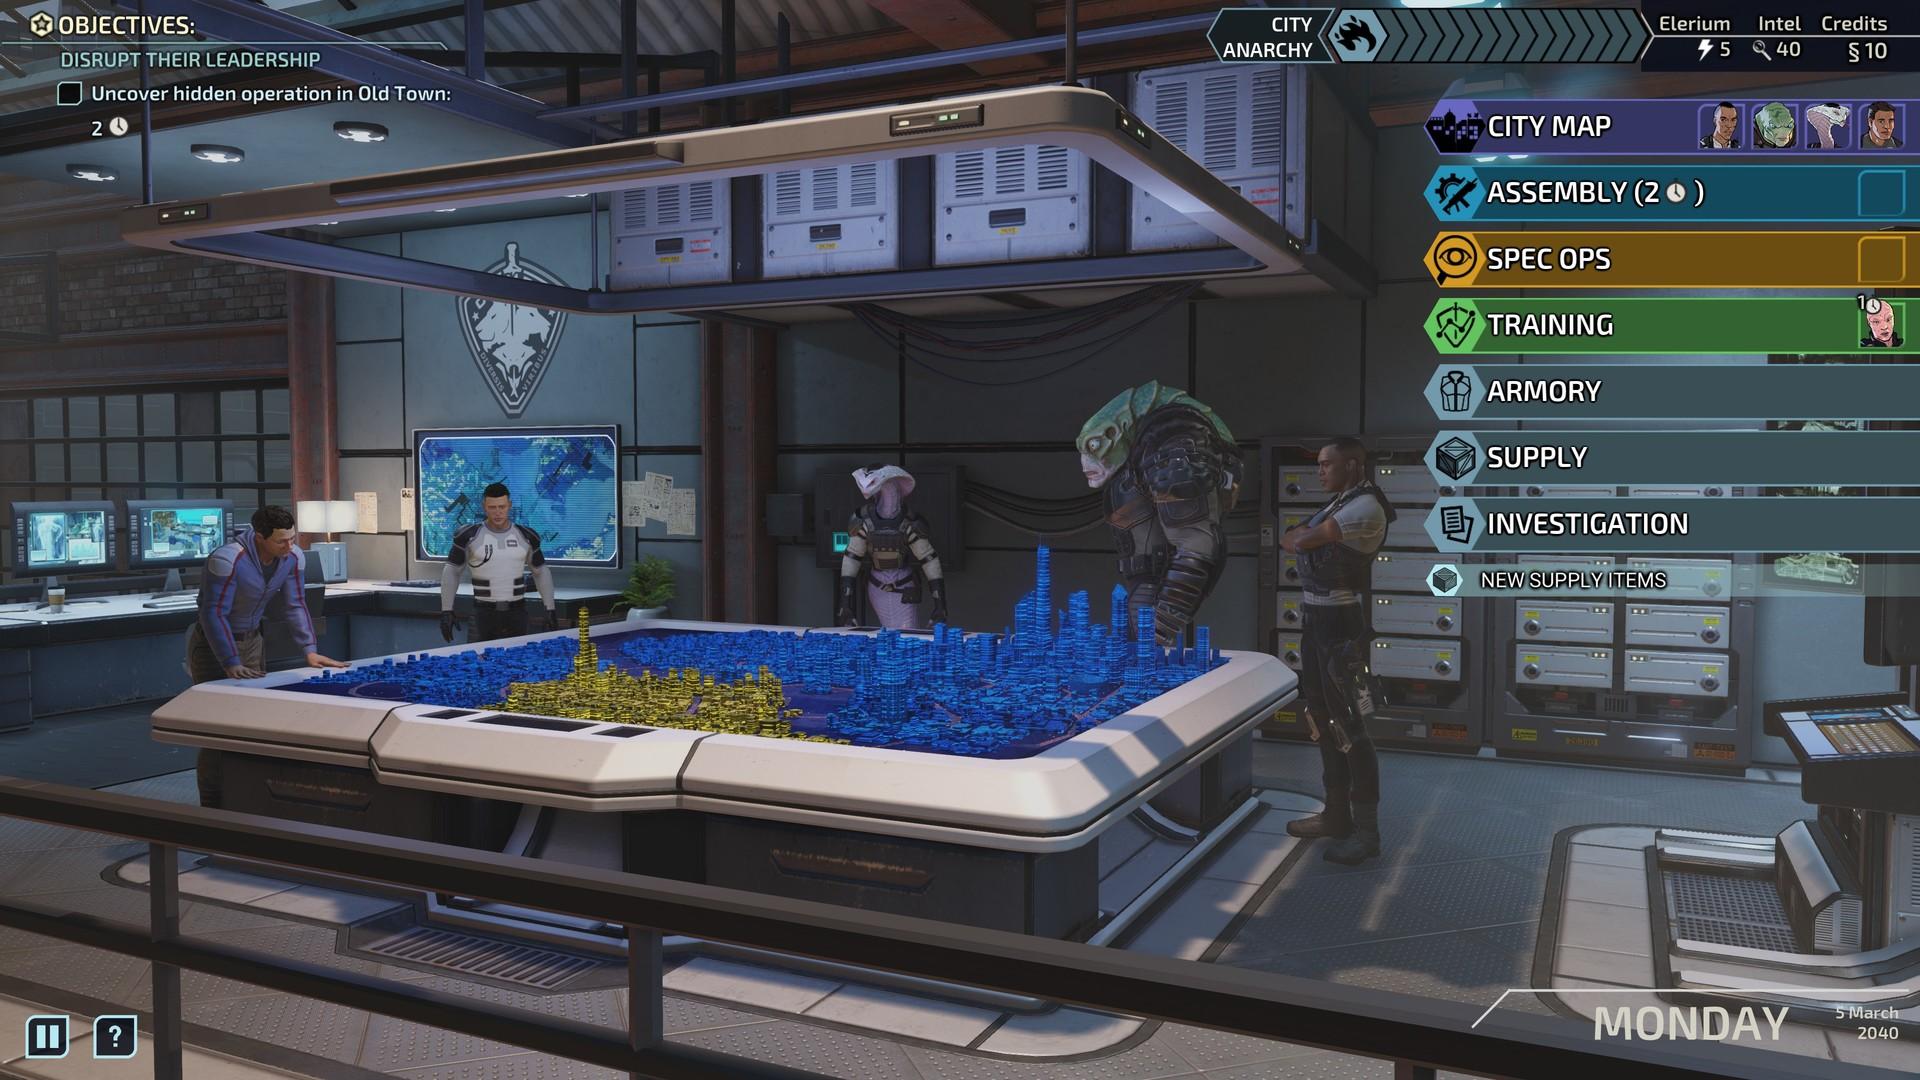 幽浮:奇美拉战队 完整版 | 官方简体中文 | 赠多项修改器-开心电玩屋